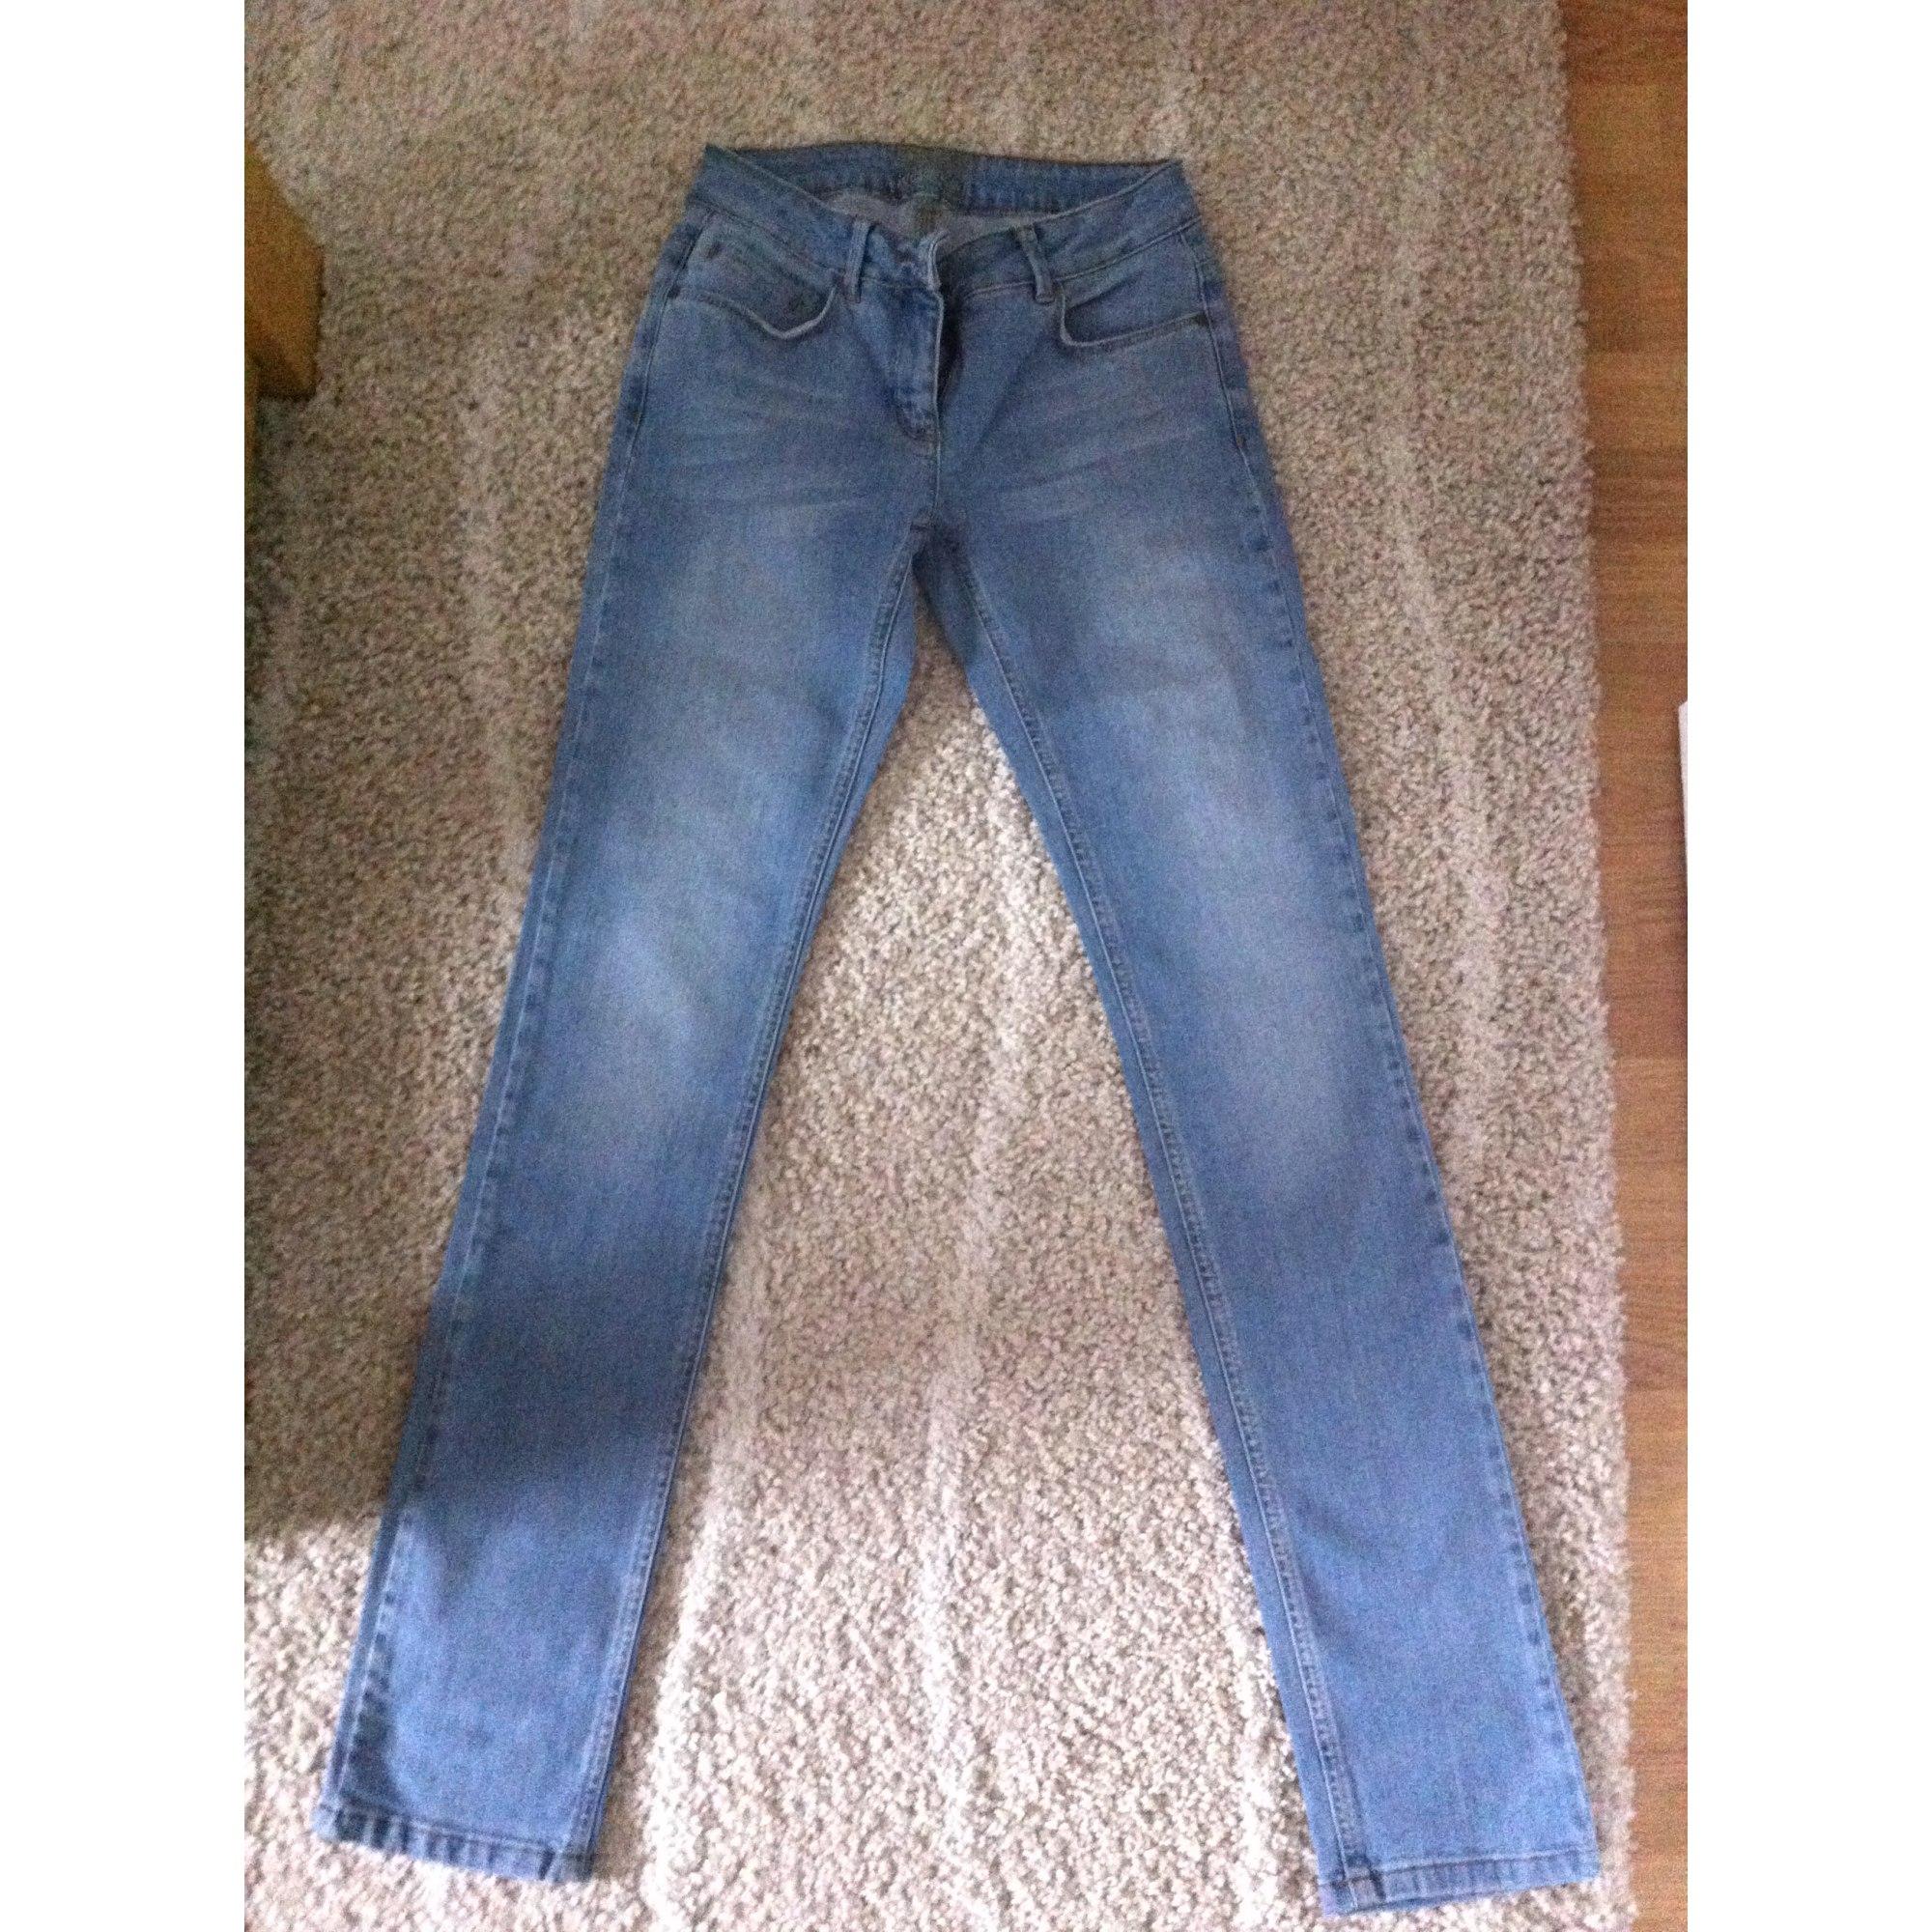 Jeans droit KOOKAI W27 (T 36) bleu vendu par La boutique de france ... fcf4337e2